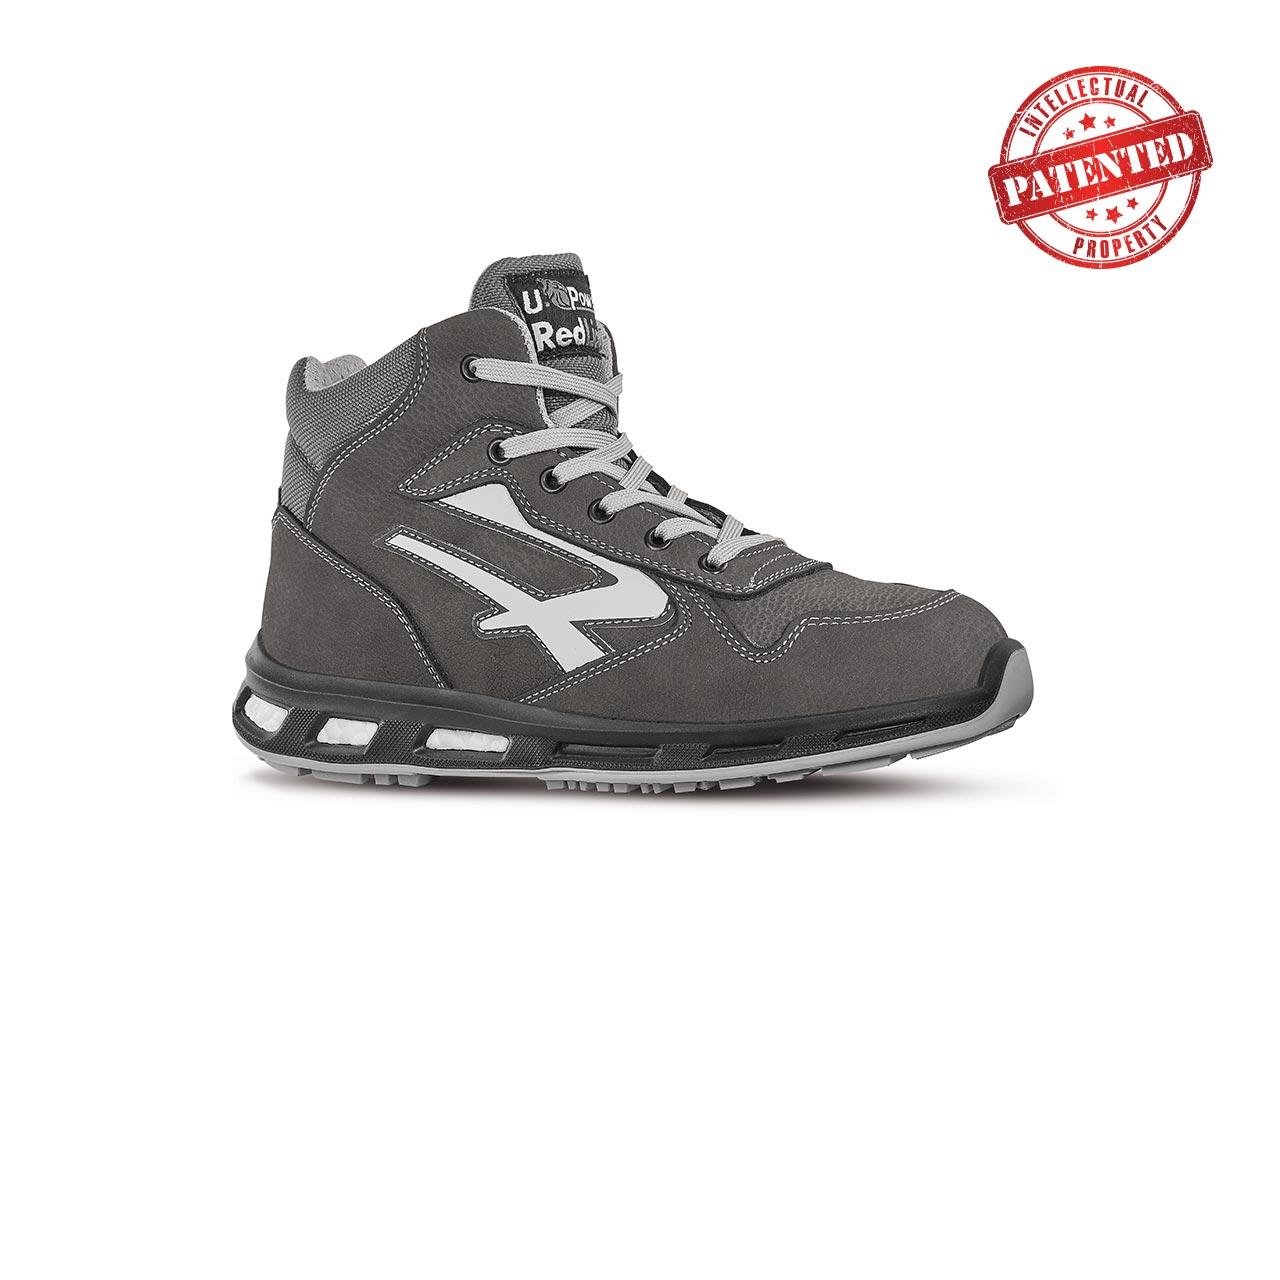 scarpa antinfortunistica alta upower modello infinity linea redlion vista laterale